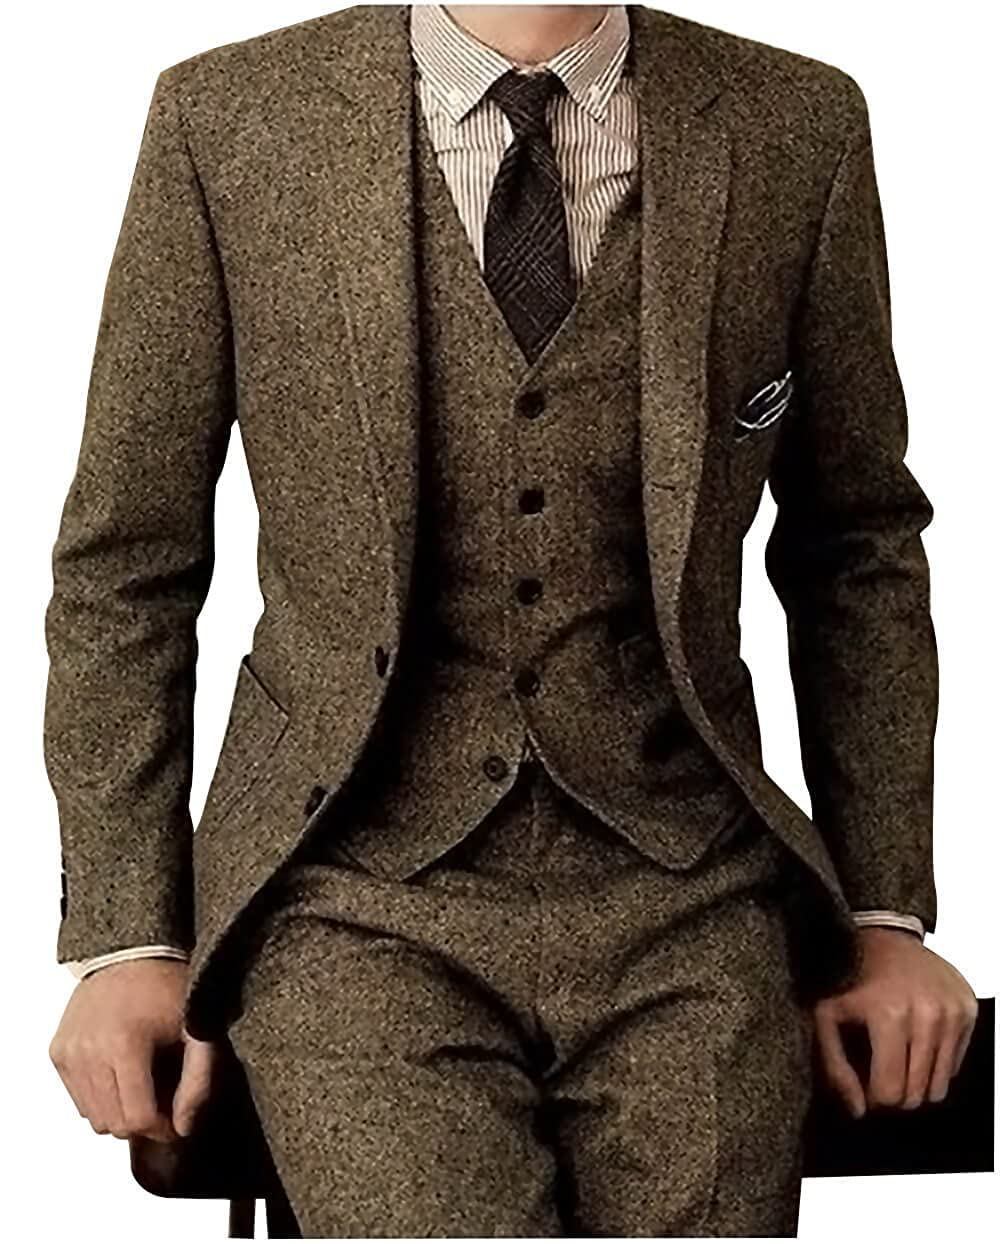 Vintage Men's Tweed Herringbone Tan Slim Fit Tuxedos